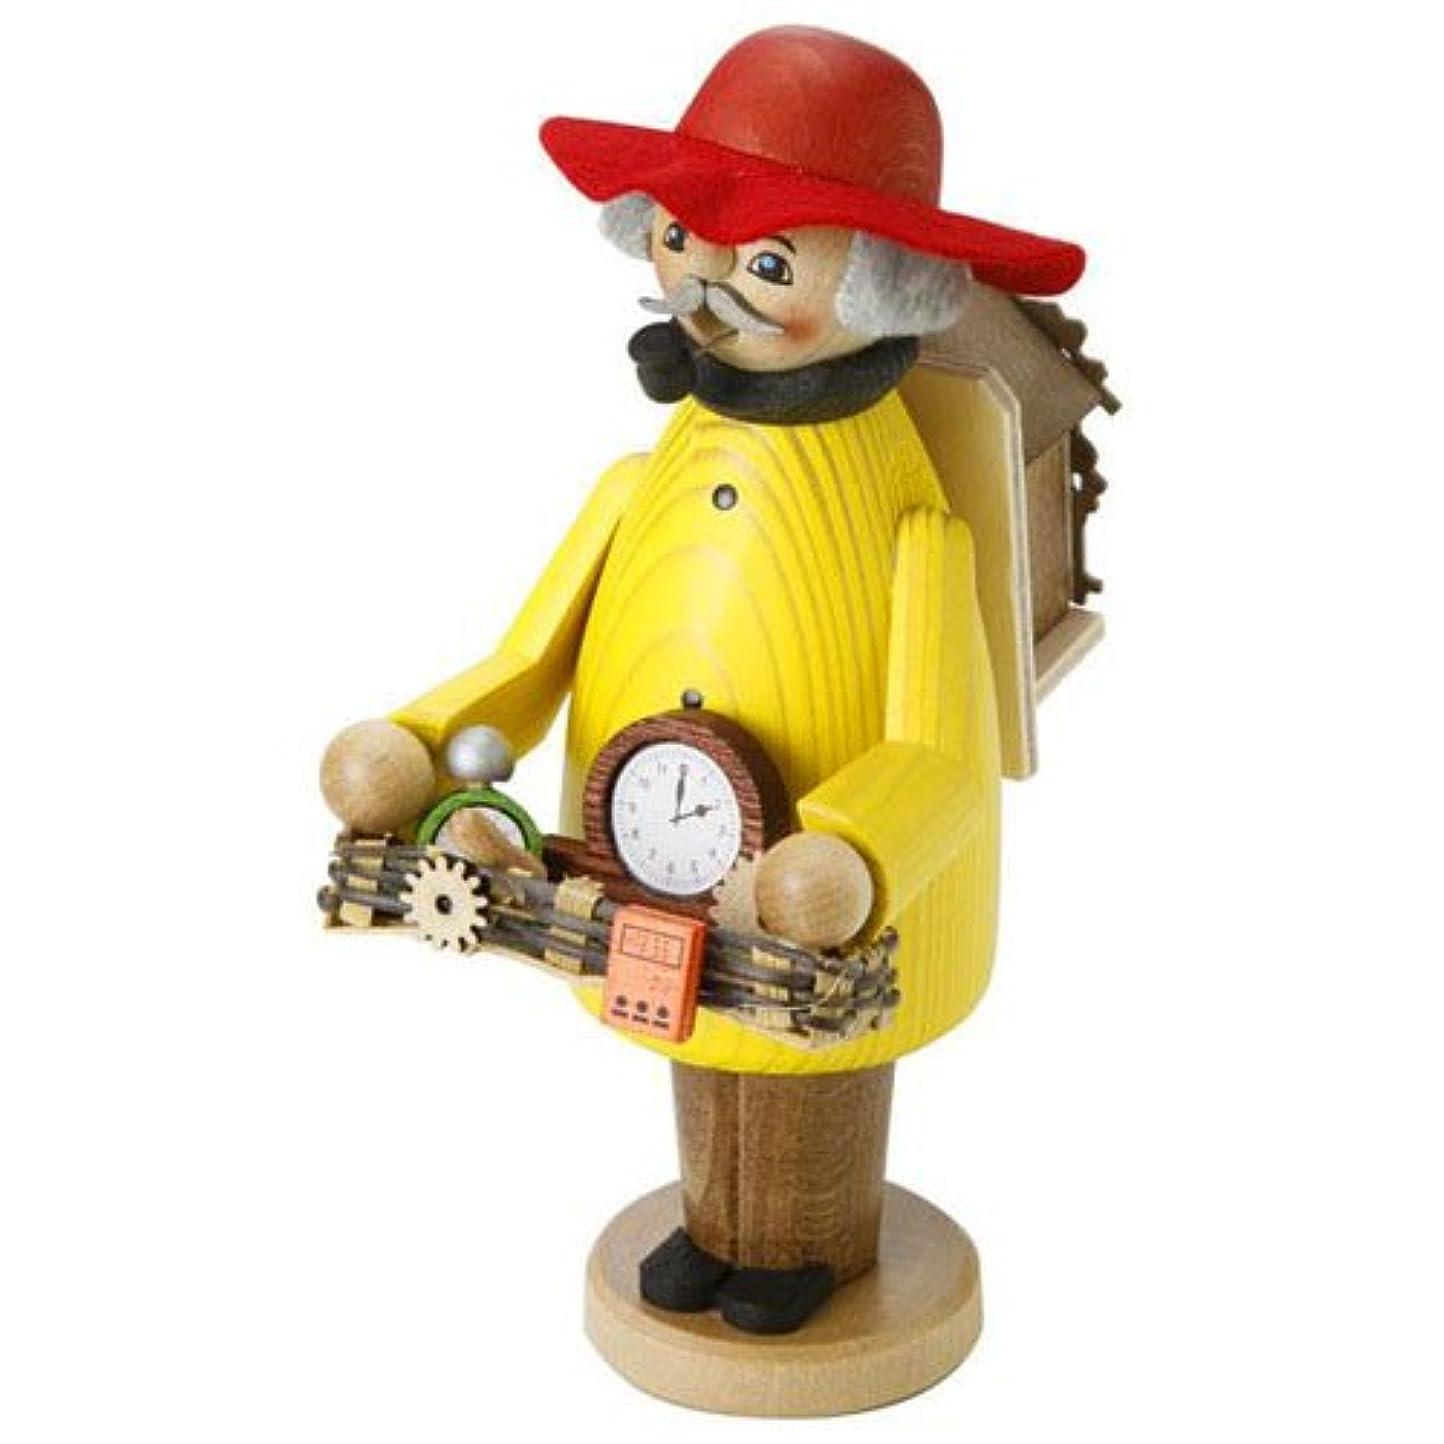 虐待飢え操るkuhnert ミニパイプ人形香炉 時計売り